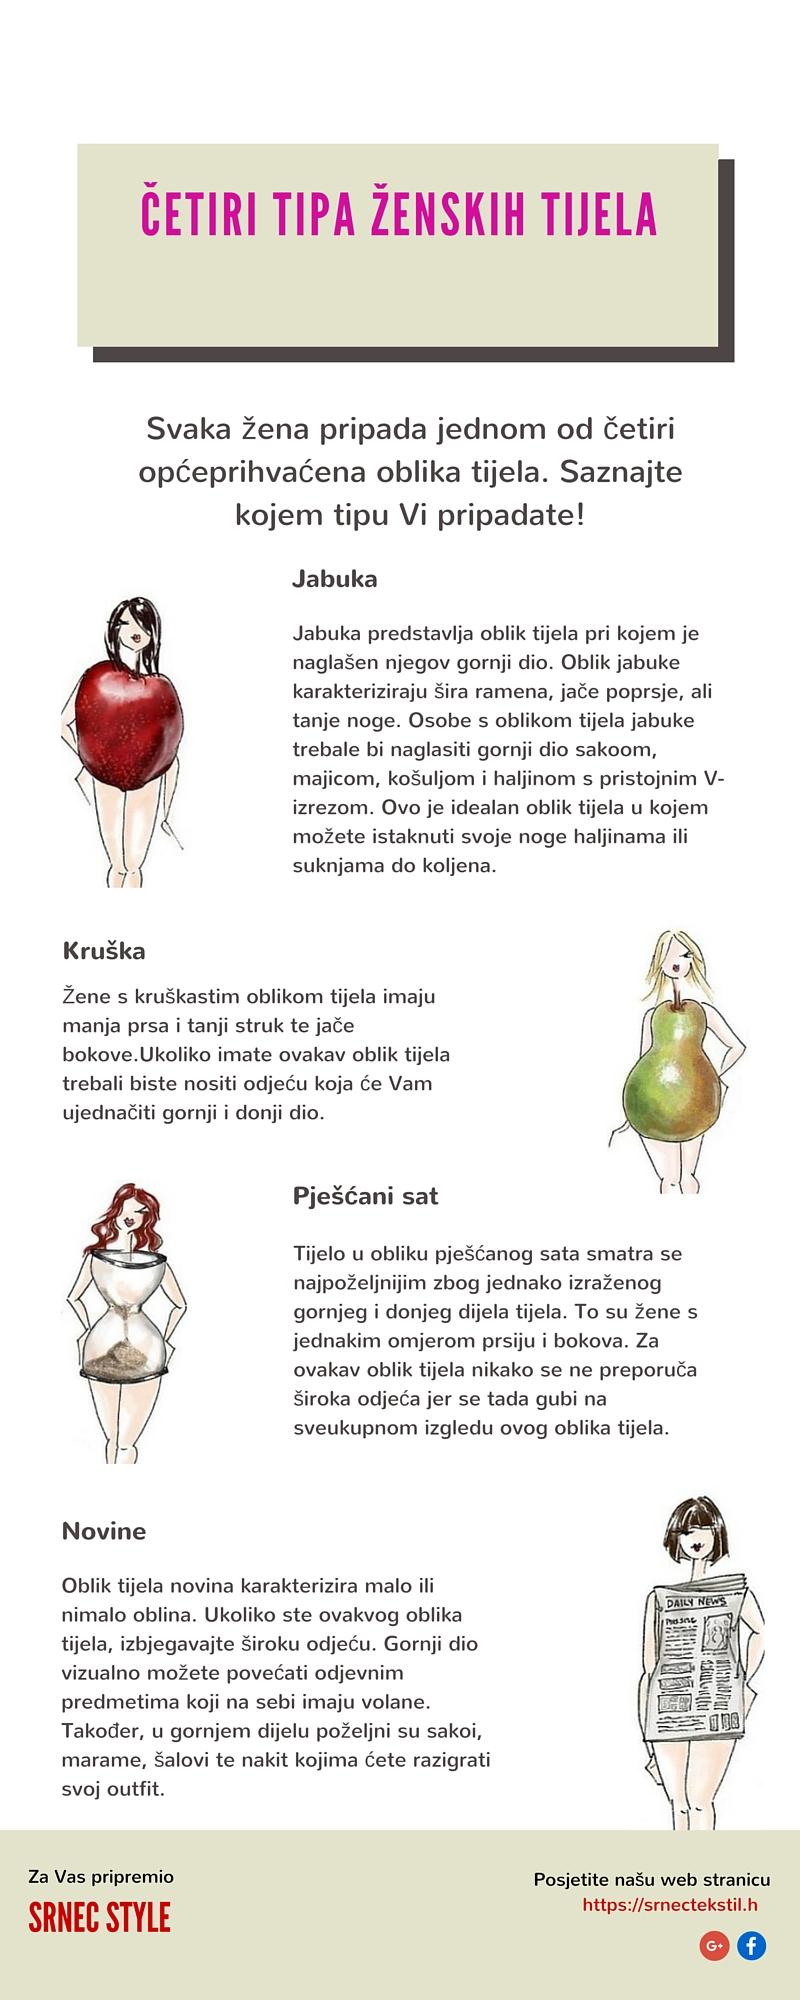 Četiri tipa ženskih tijela